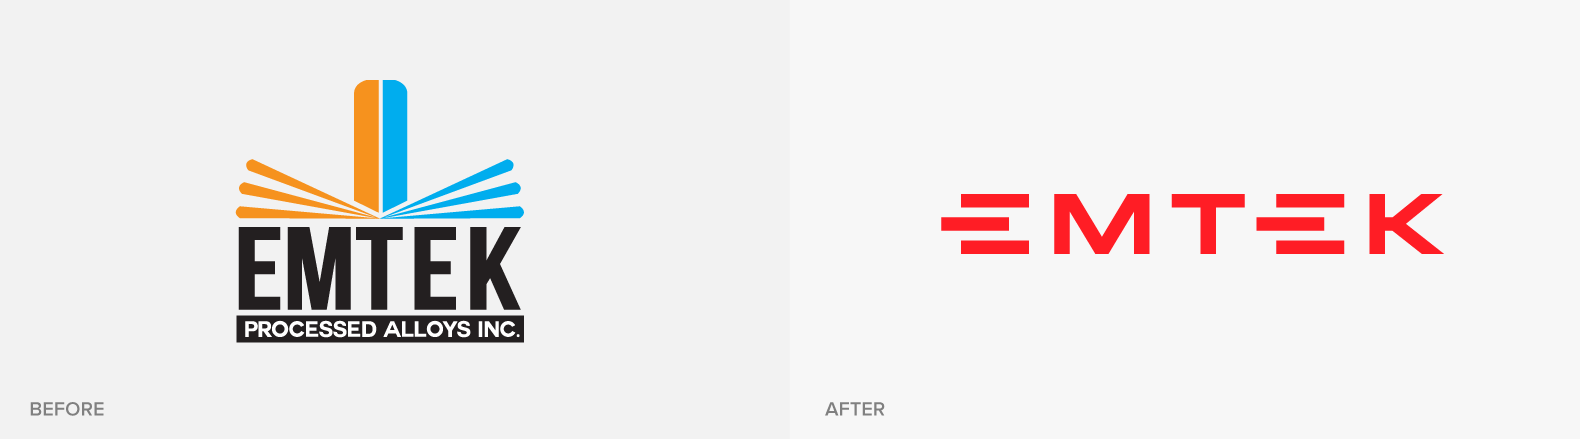 Emtek logo before and after